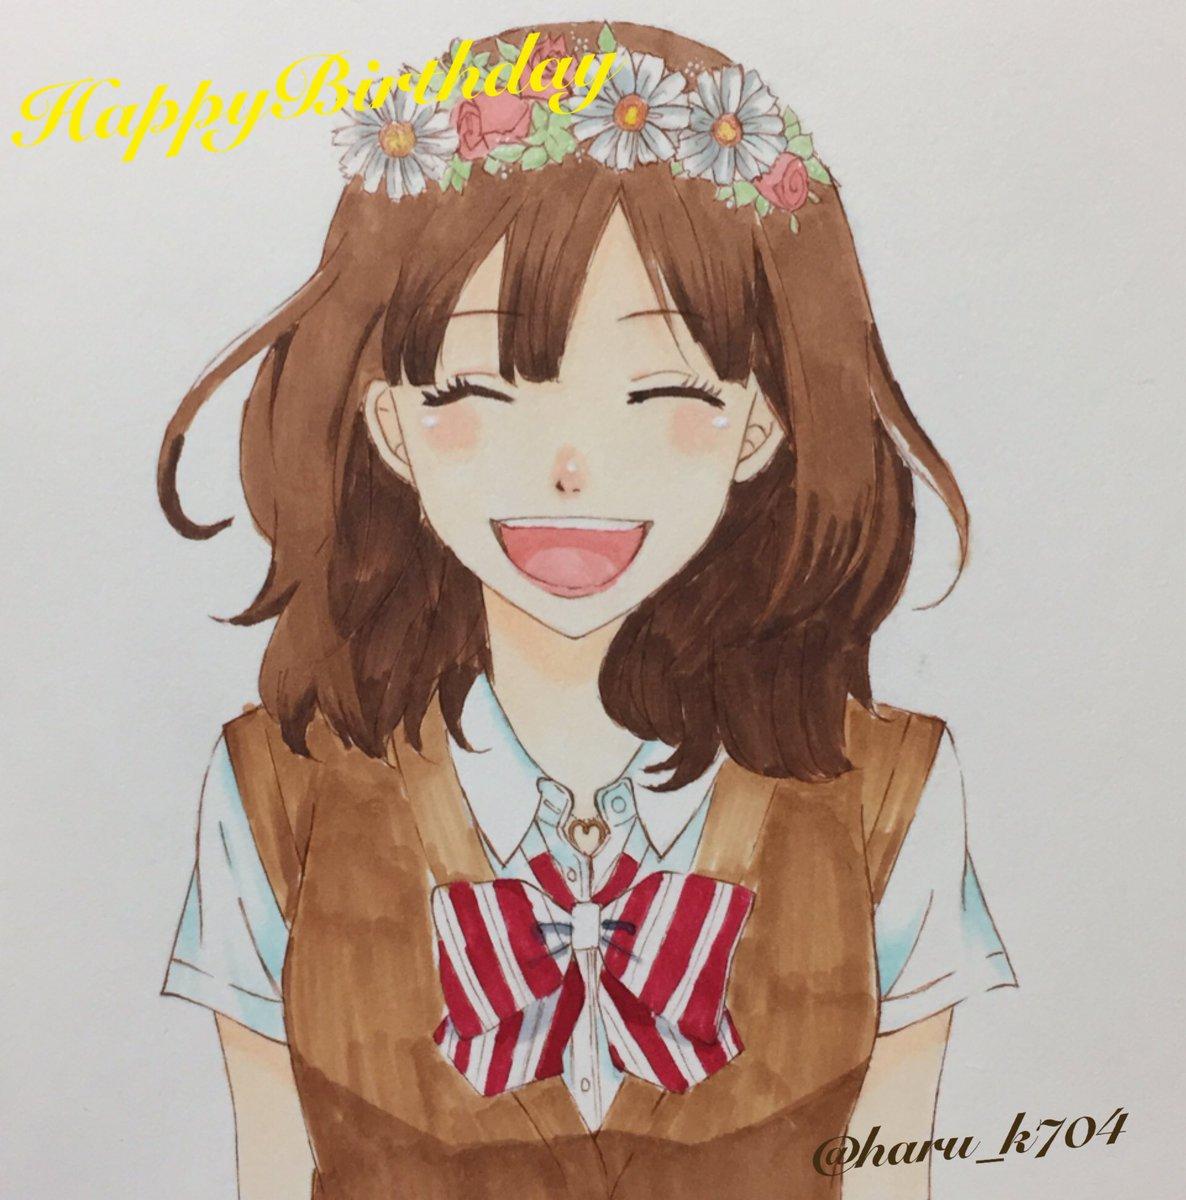 エリカちゃんHappy Birthday!✨恭也くんといつまでもお幸せに💭💓#オオカミ少女と黒王子#篠原エリカ生誕祭20